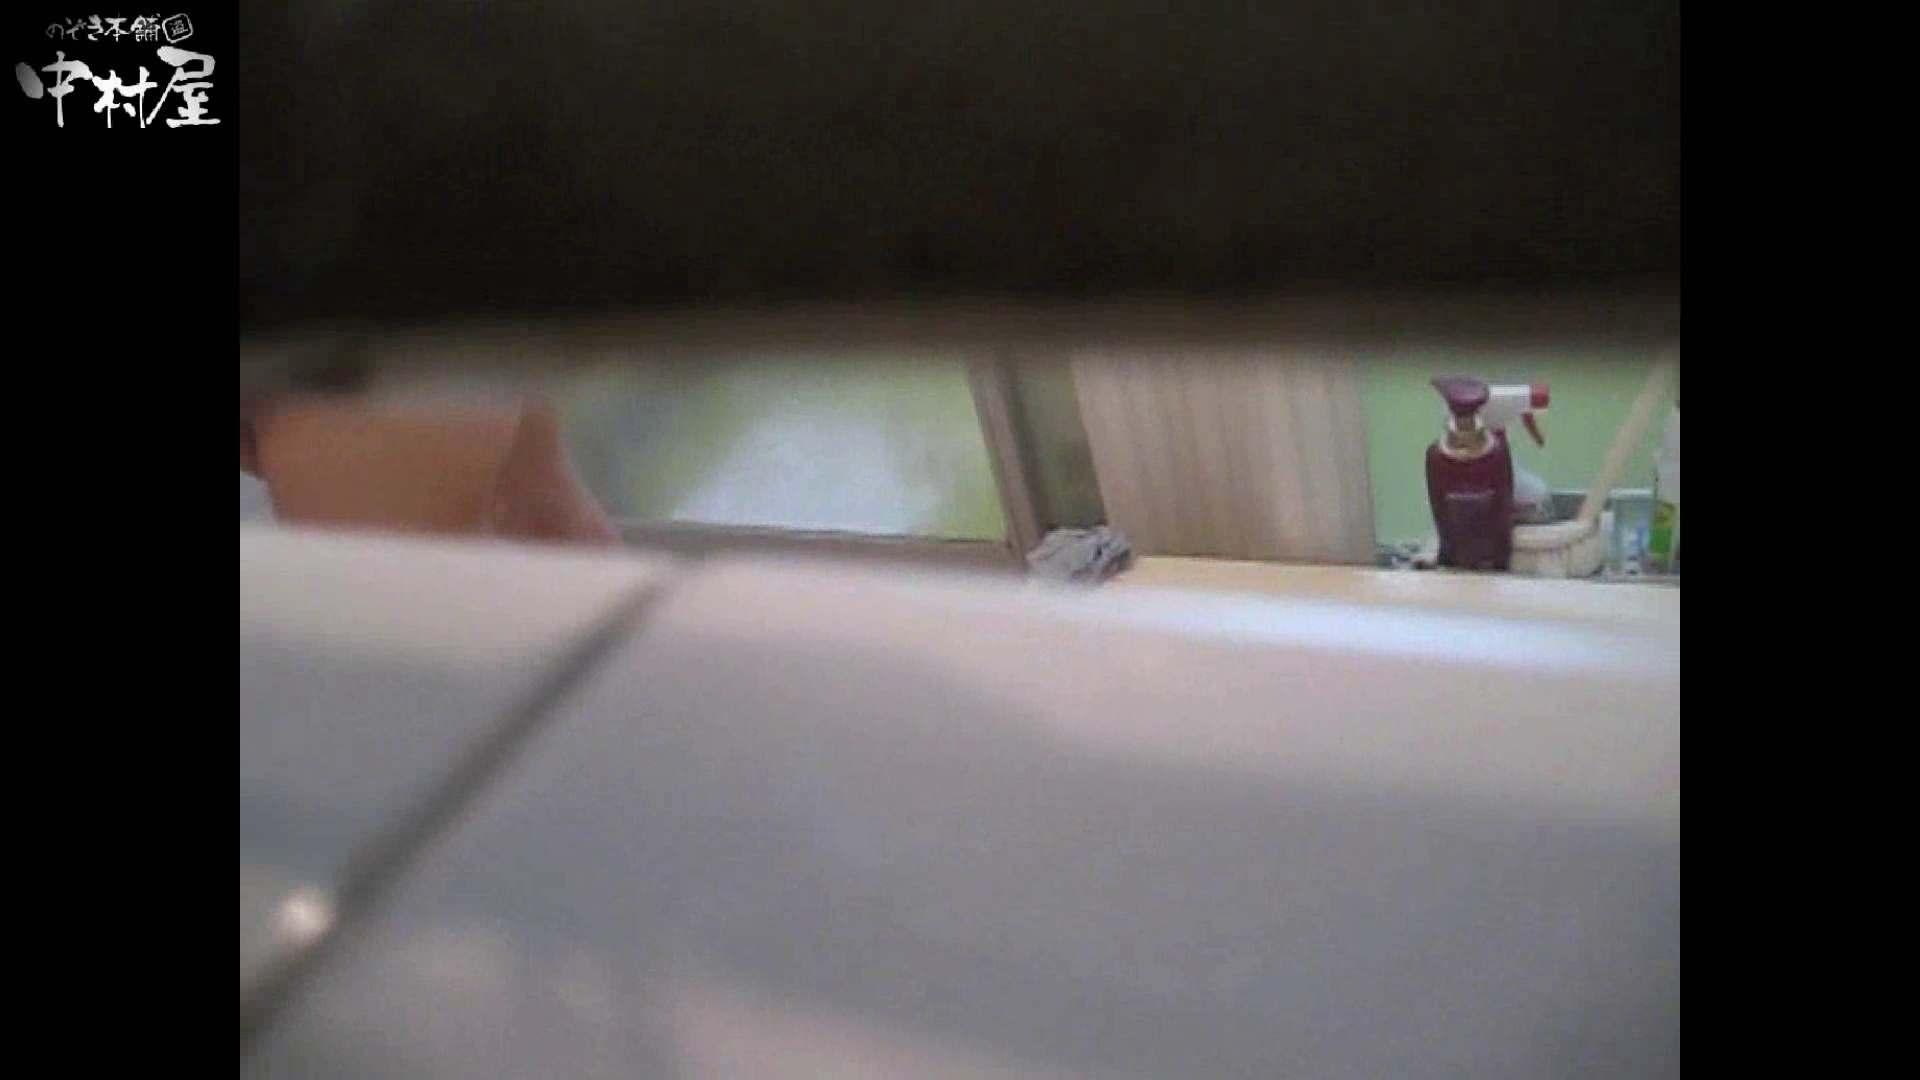 民家風呂専門盗撮師の超危険映像 vol.014 エッチな盗撮 AV動画キャプチャ 96pic 51